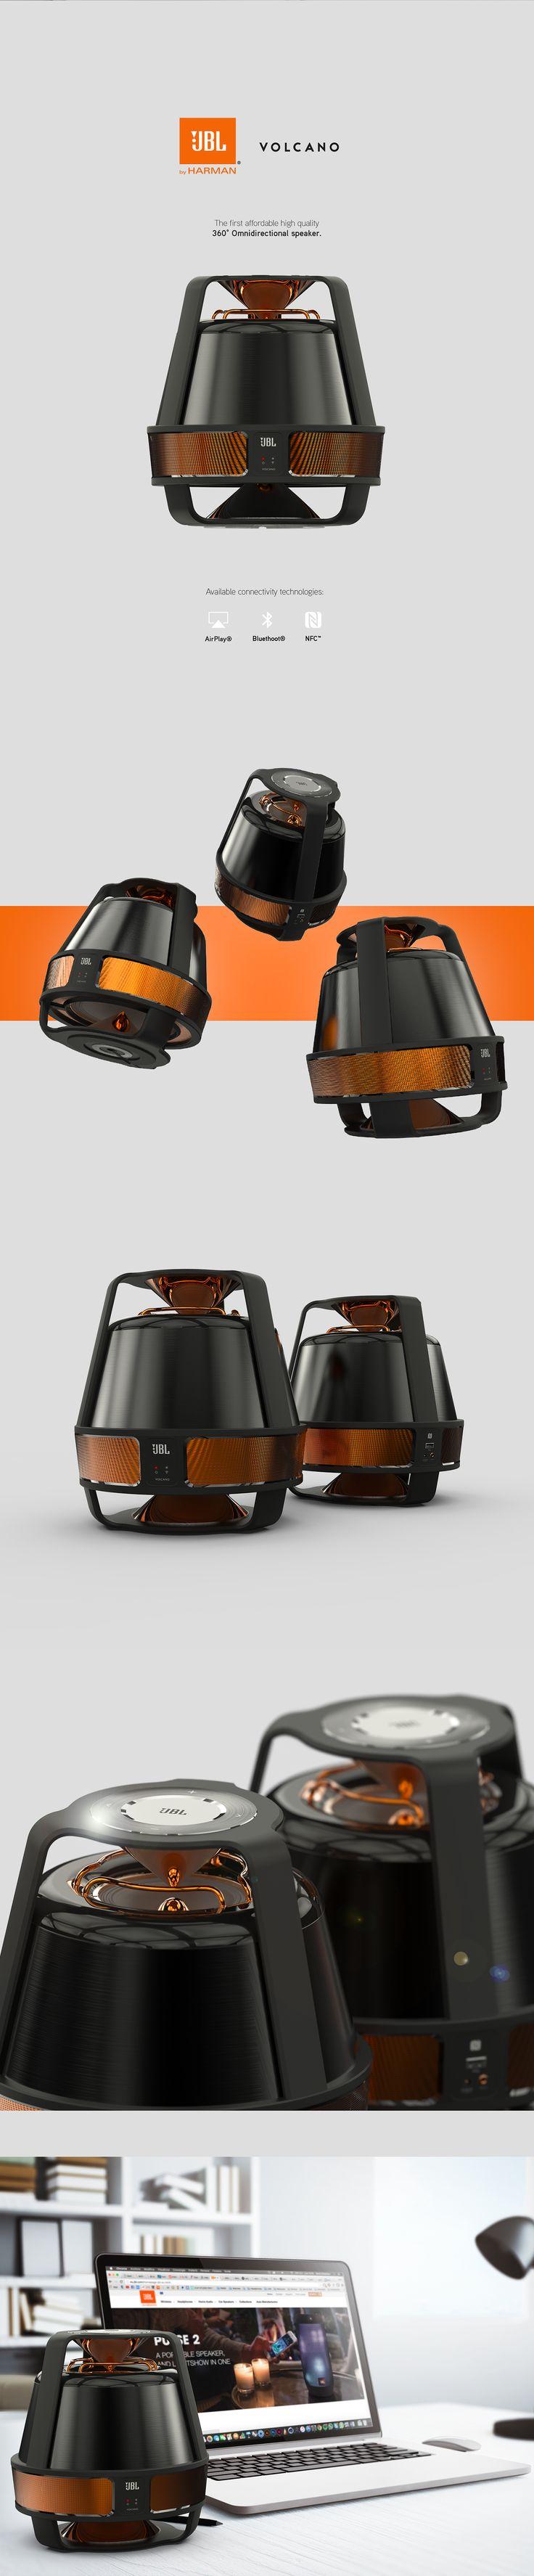 JBL® Volcano - Omnidirectional Speaker on Behance